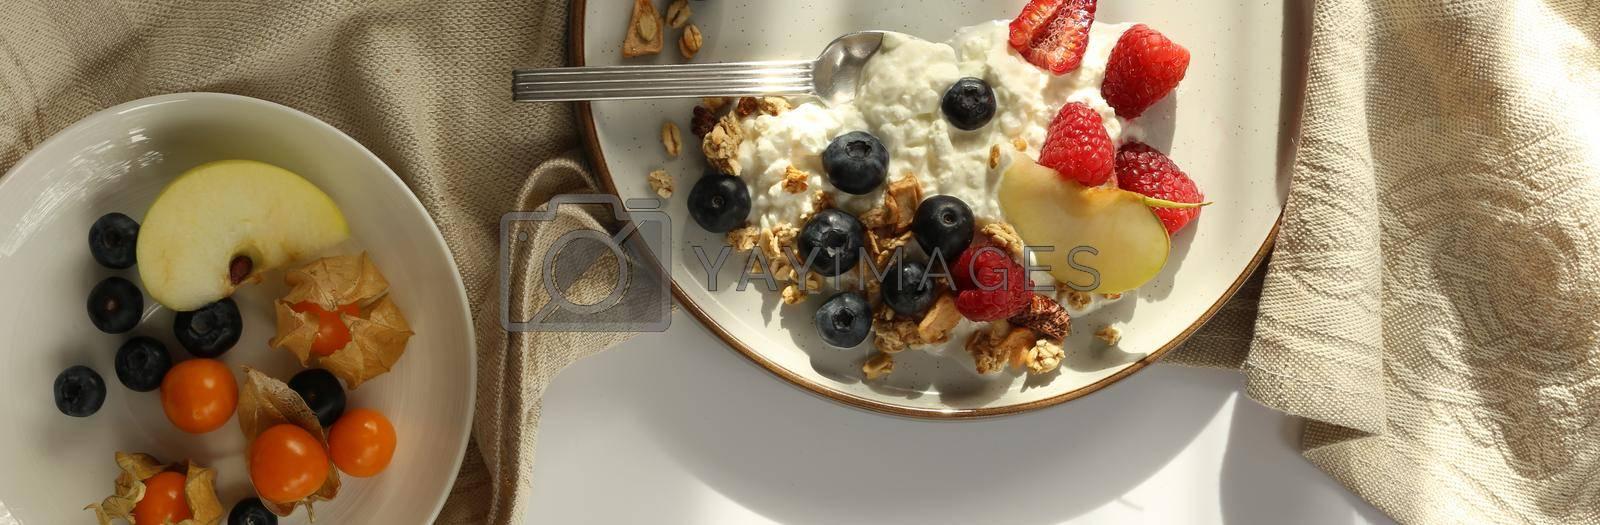 Healthy breakfast top view by NelliPolk